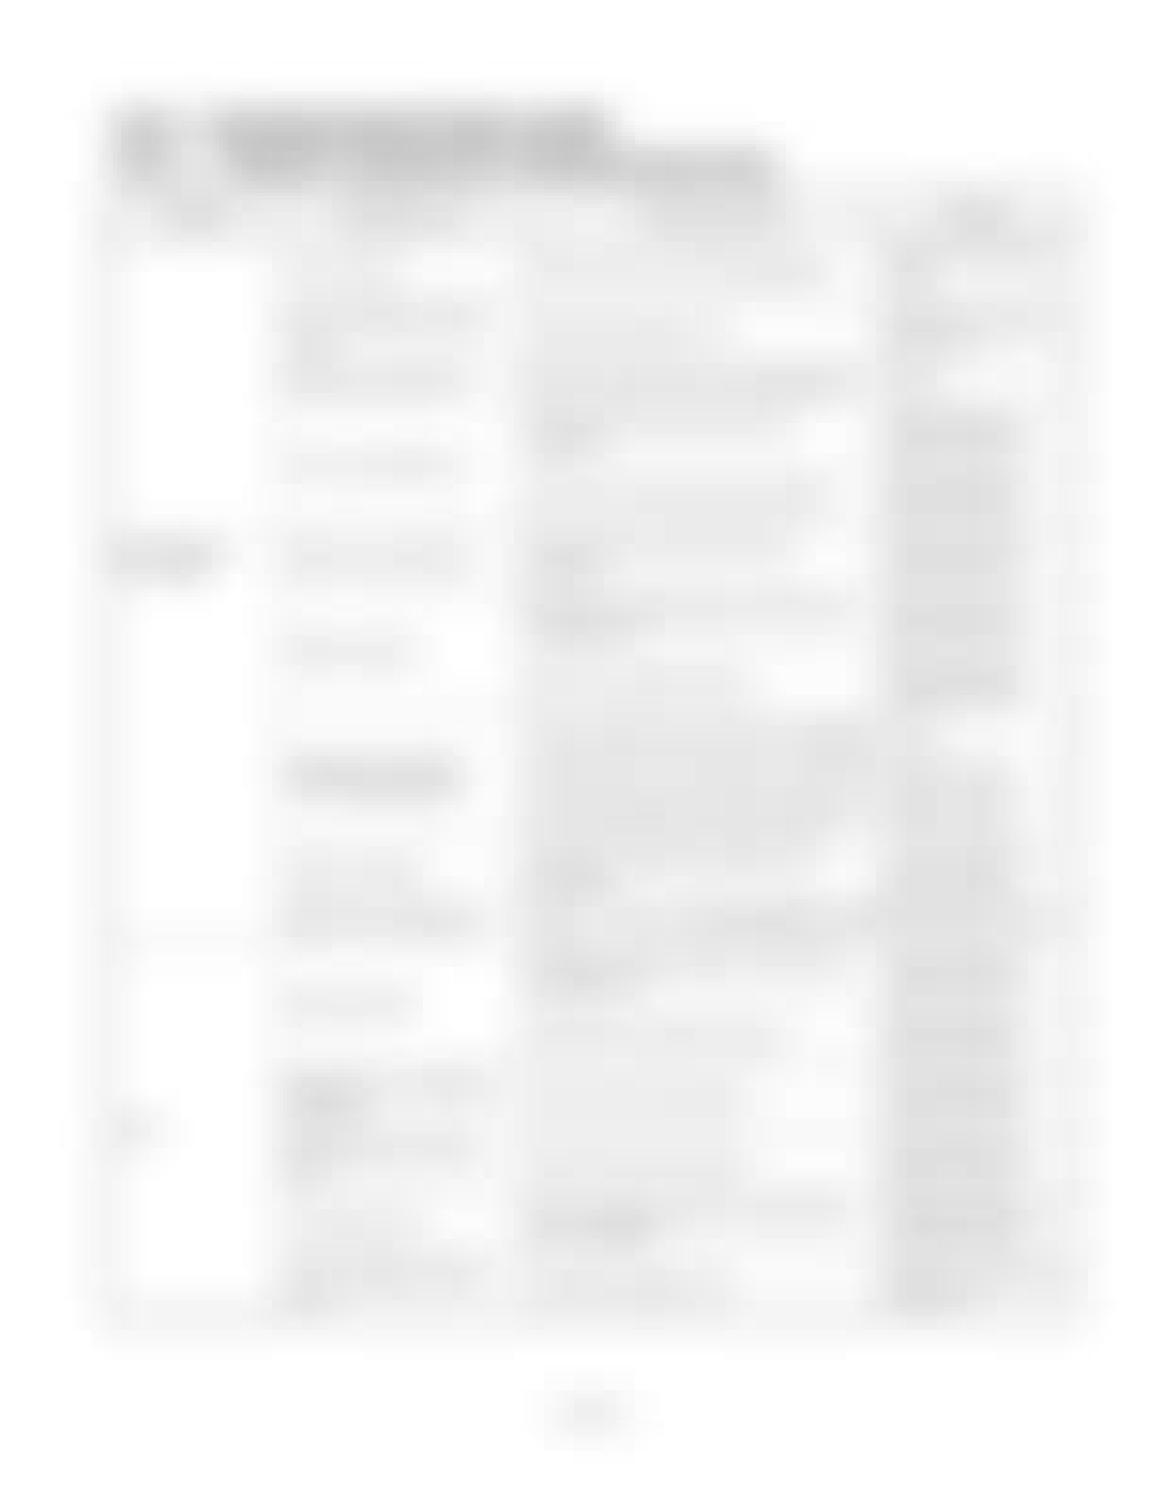 Hitachi LX110-7 LX130-7 LX160-7 LX190-7 LX230-7 Wheel Loader Workshop Manual - PDF DOWNLOAD page 147